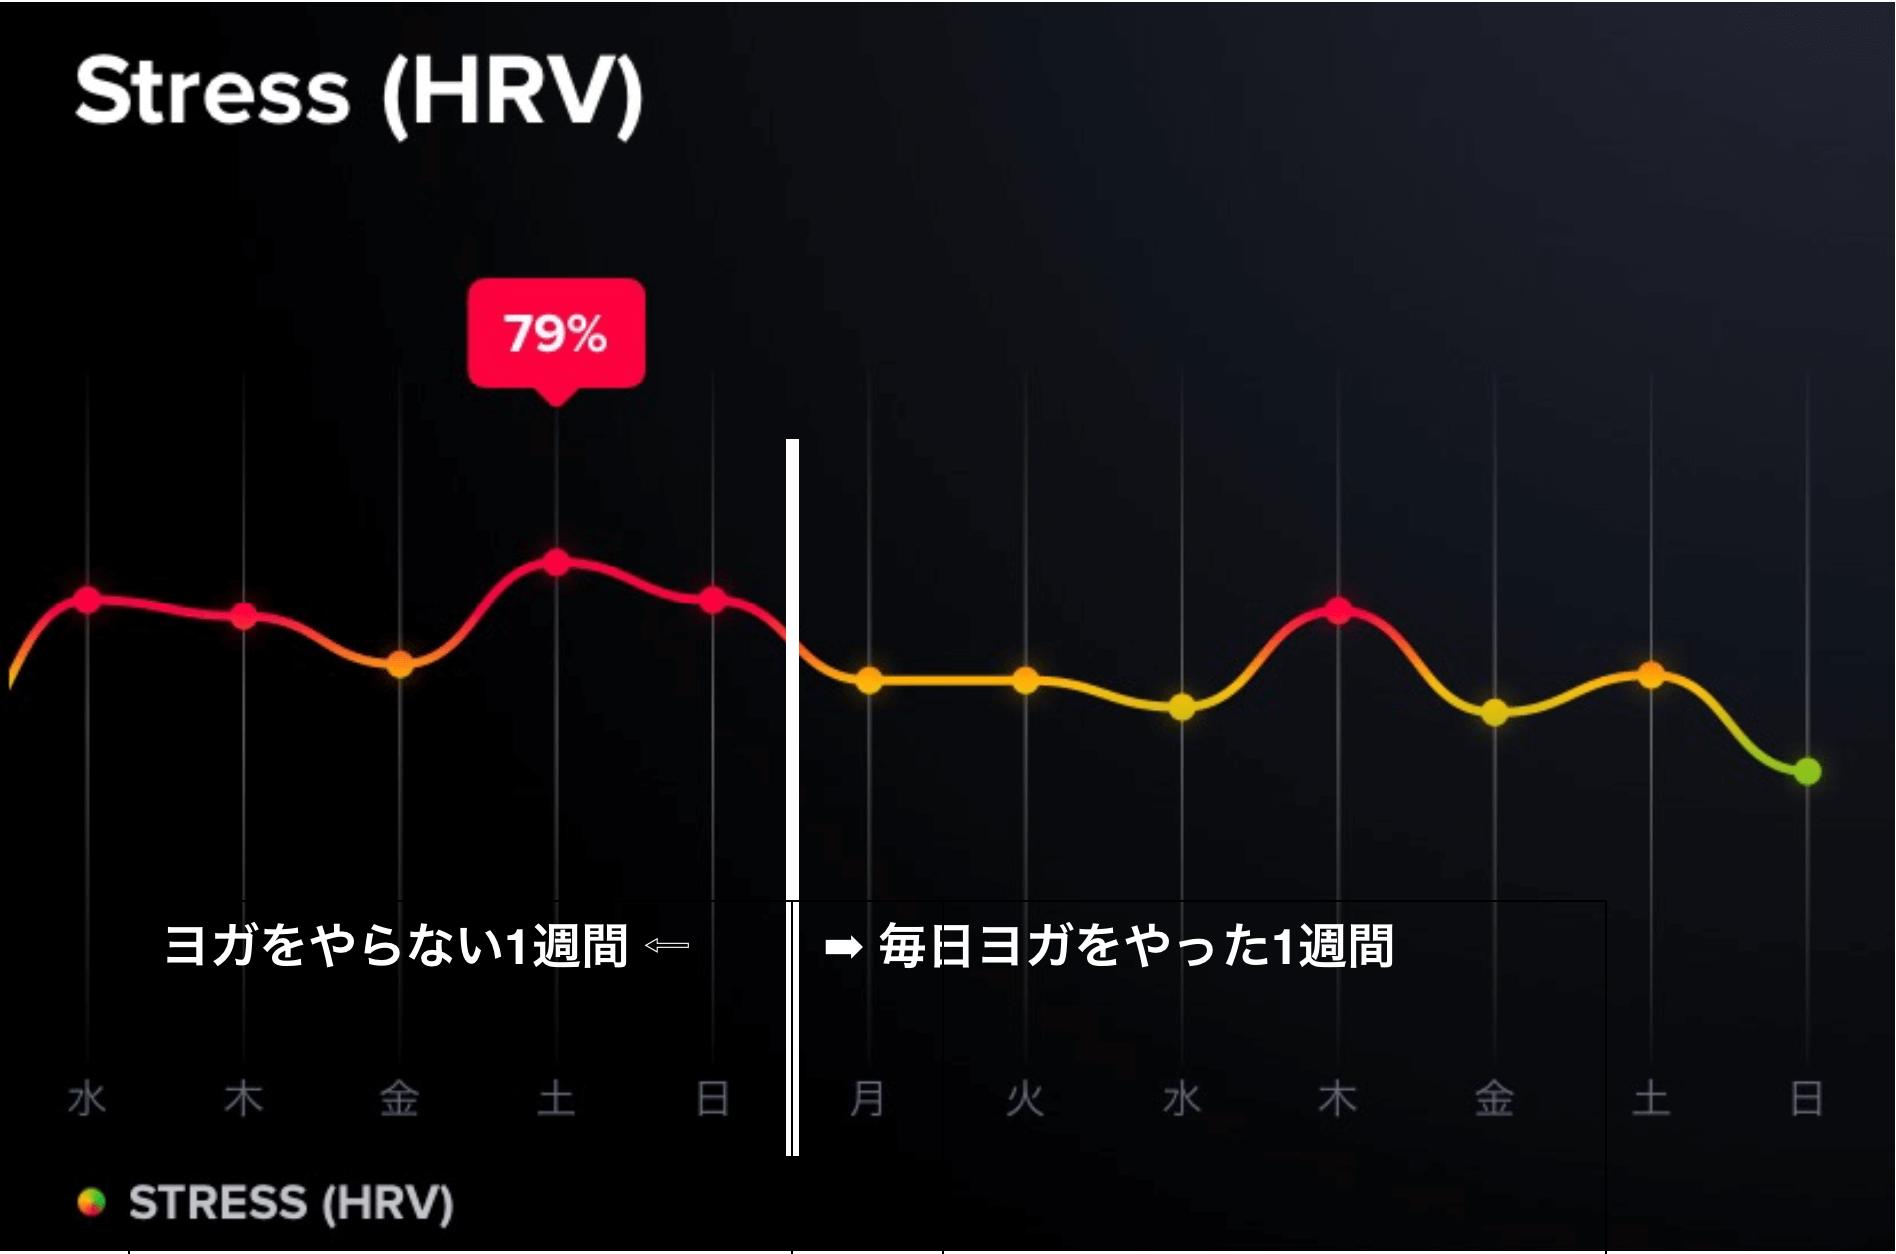 筆者がHRVを測定した結果